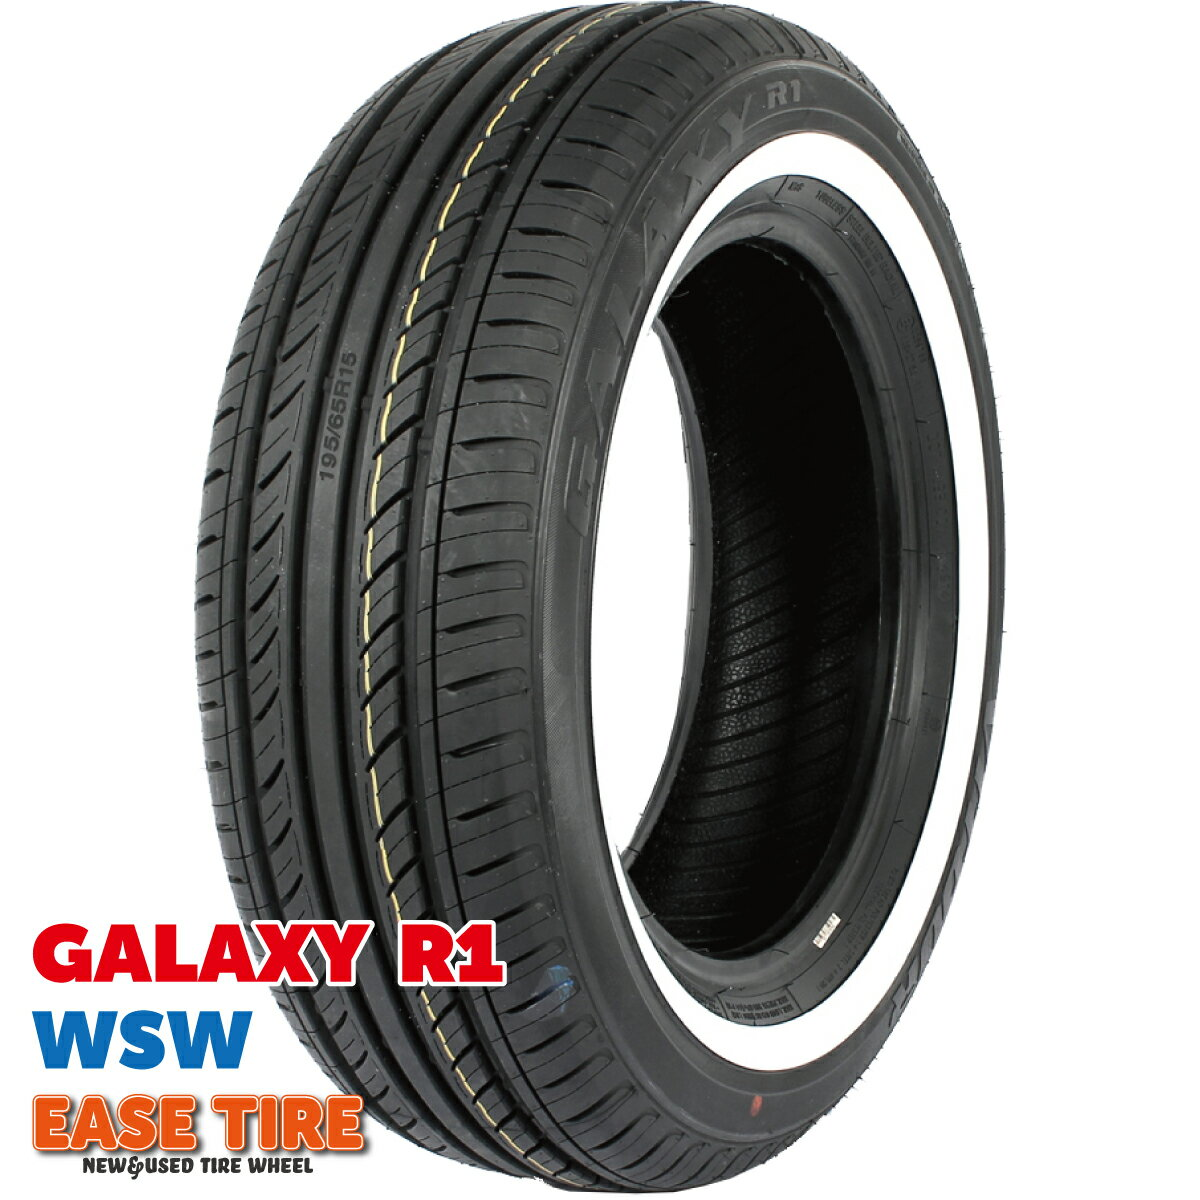 タイヤ・ホイール, サマータイヤ 20565R15 94H VITOUR GALAXY R1 WSW 1 4